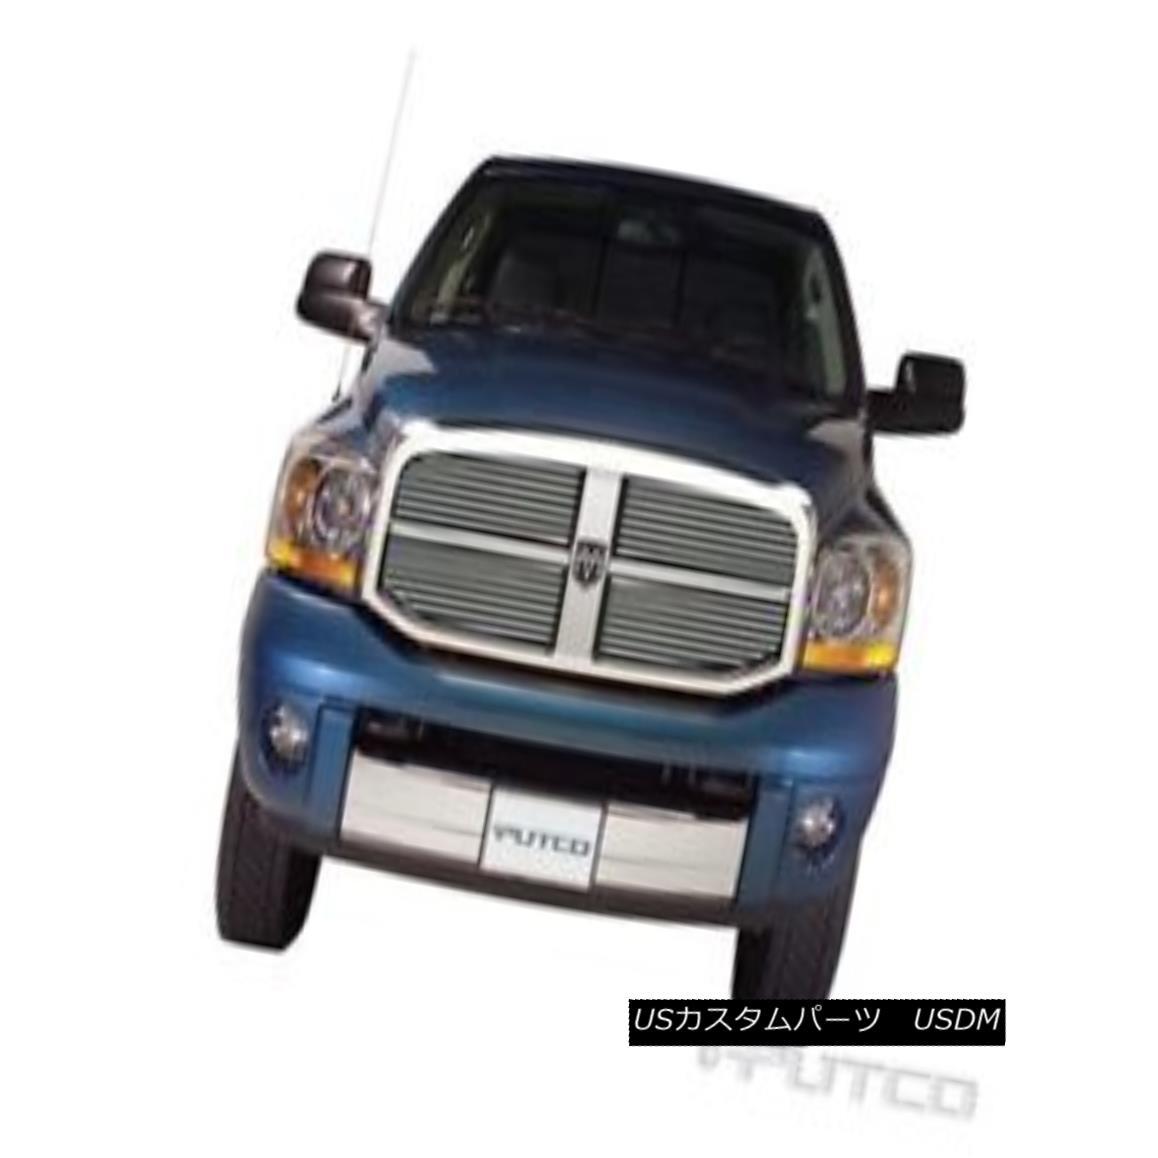 グリル PUTCO 71156 - Shadow Billet Grille for 06-08 Dodge Ram 1500/2500/3500 PUTCO 71156 - 06-08ダッジラム1500/2500/3500用シャドービレットグリル